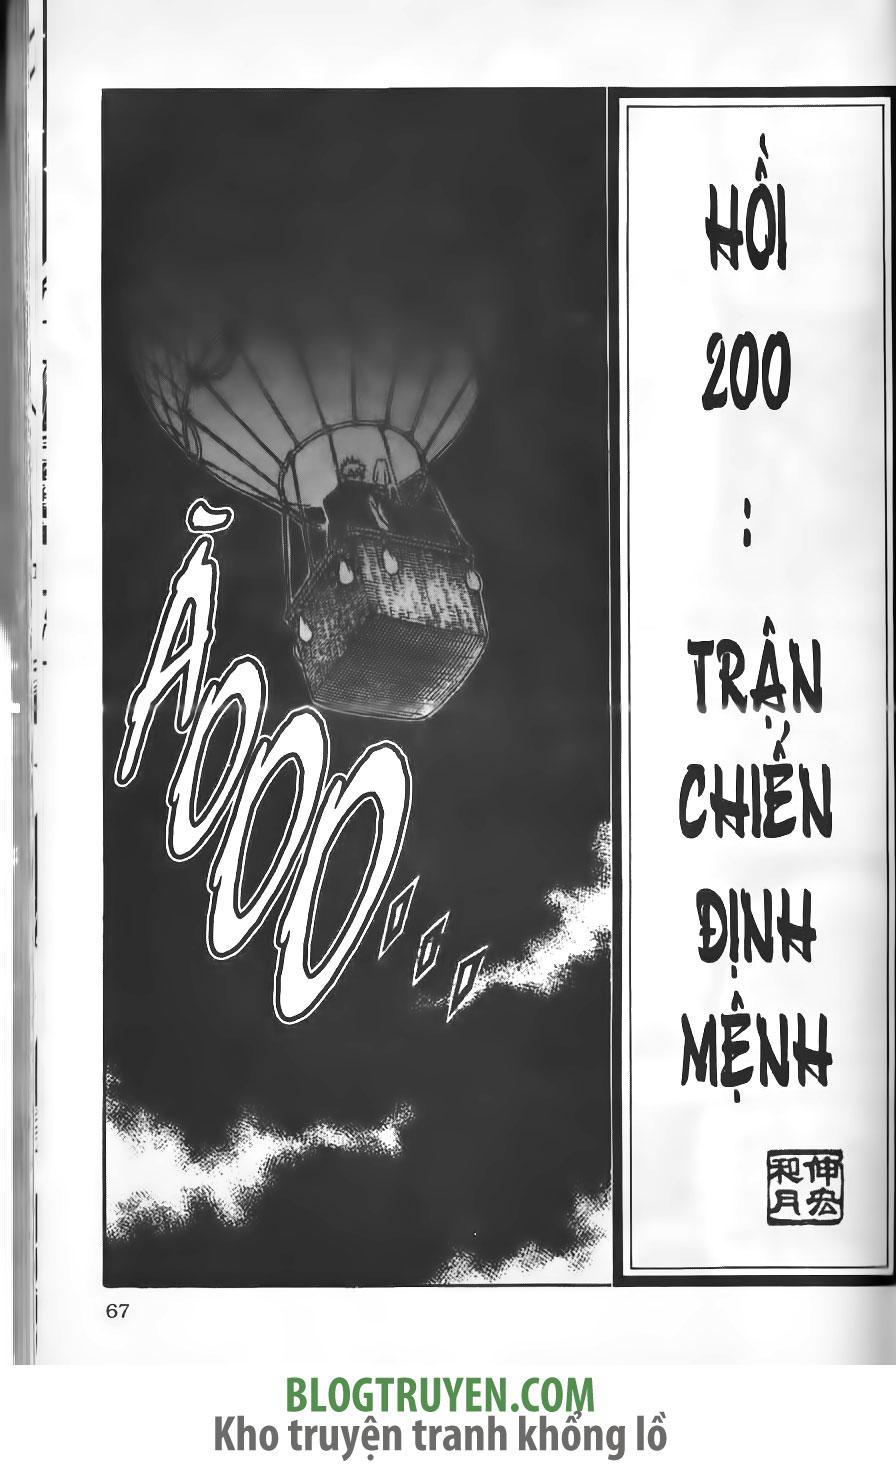 Rurouni Kenshin chap 200 trang 5